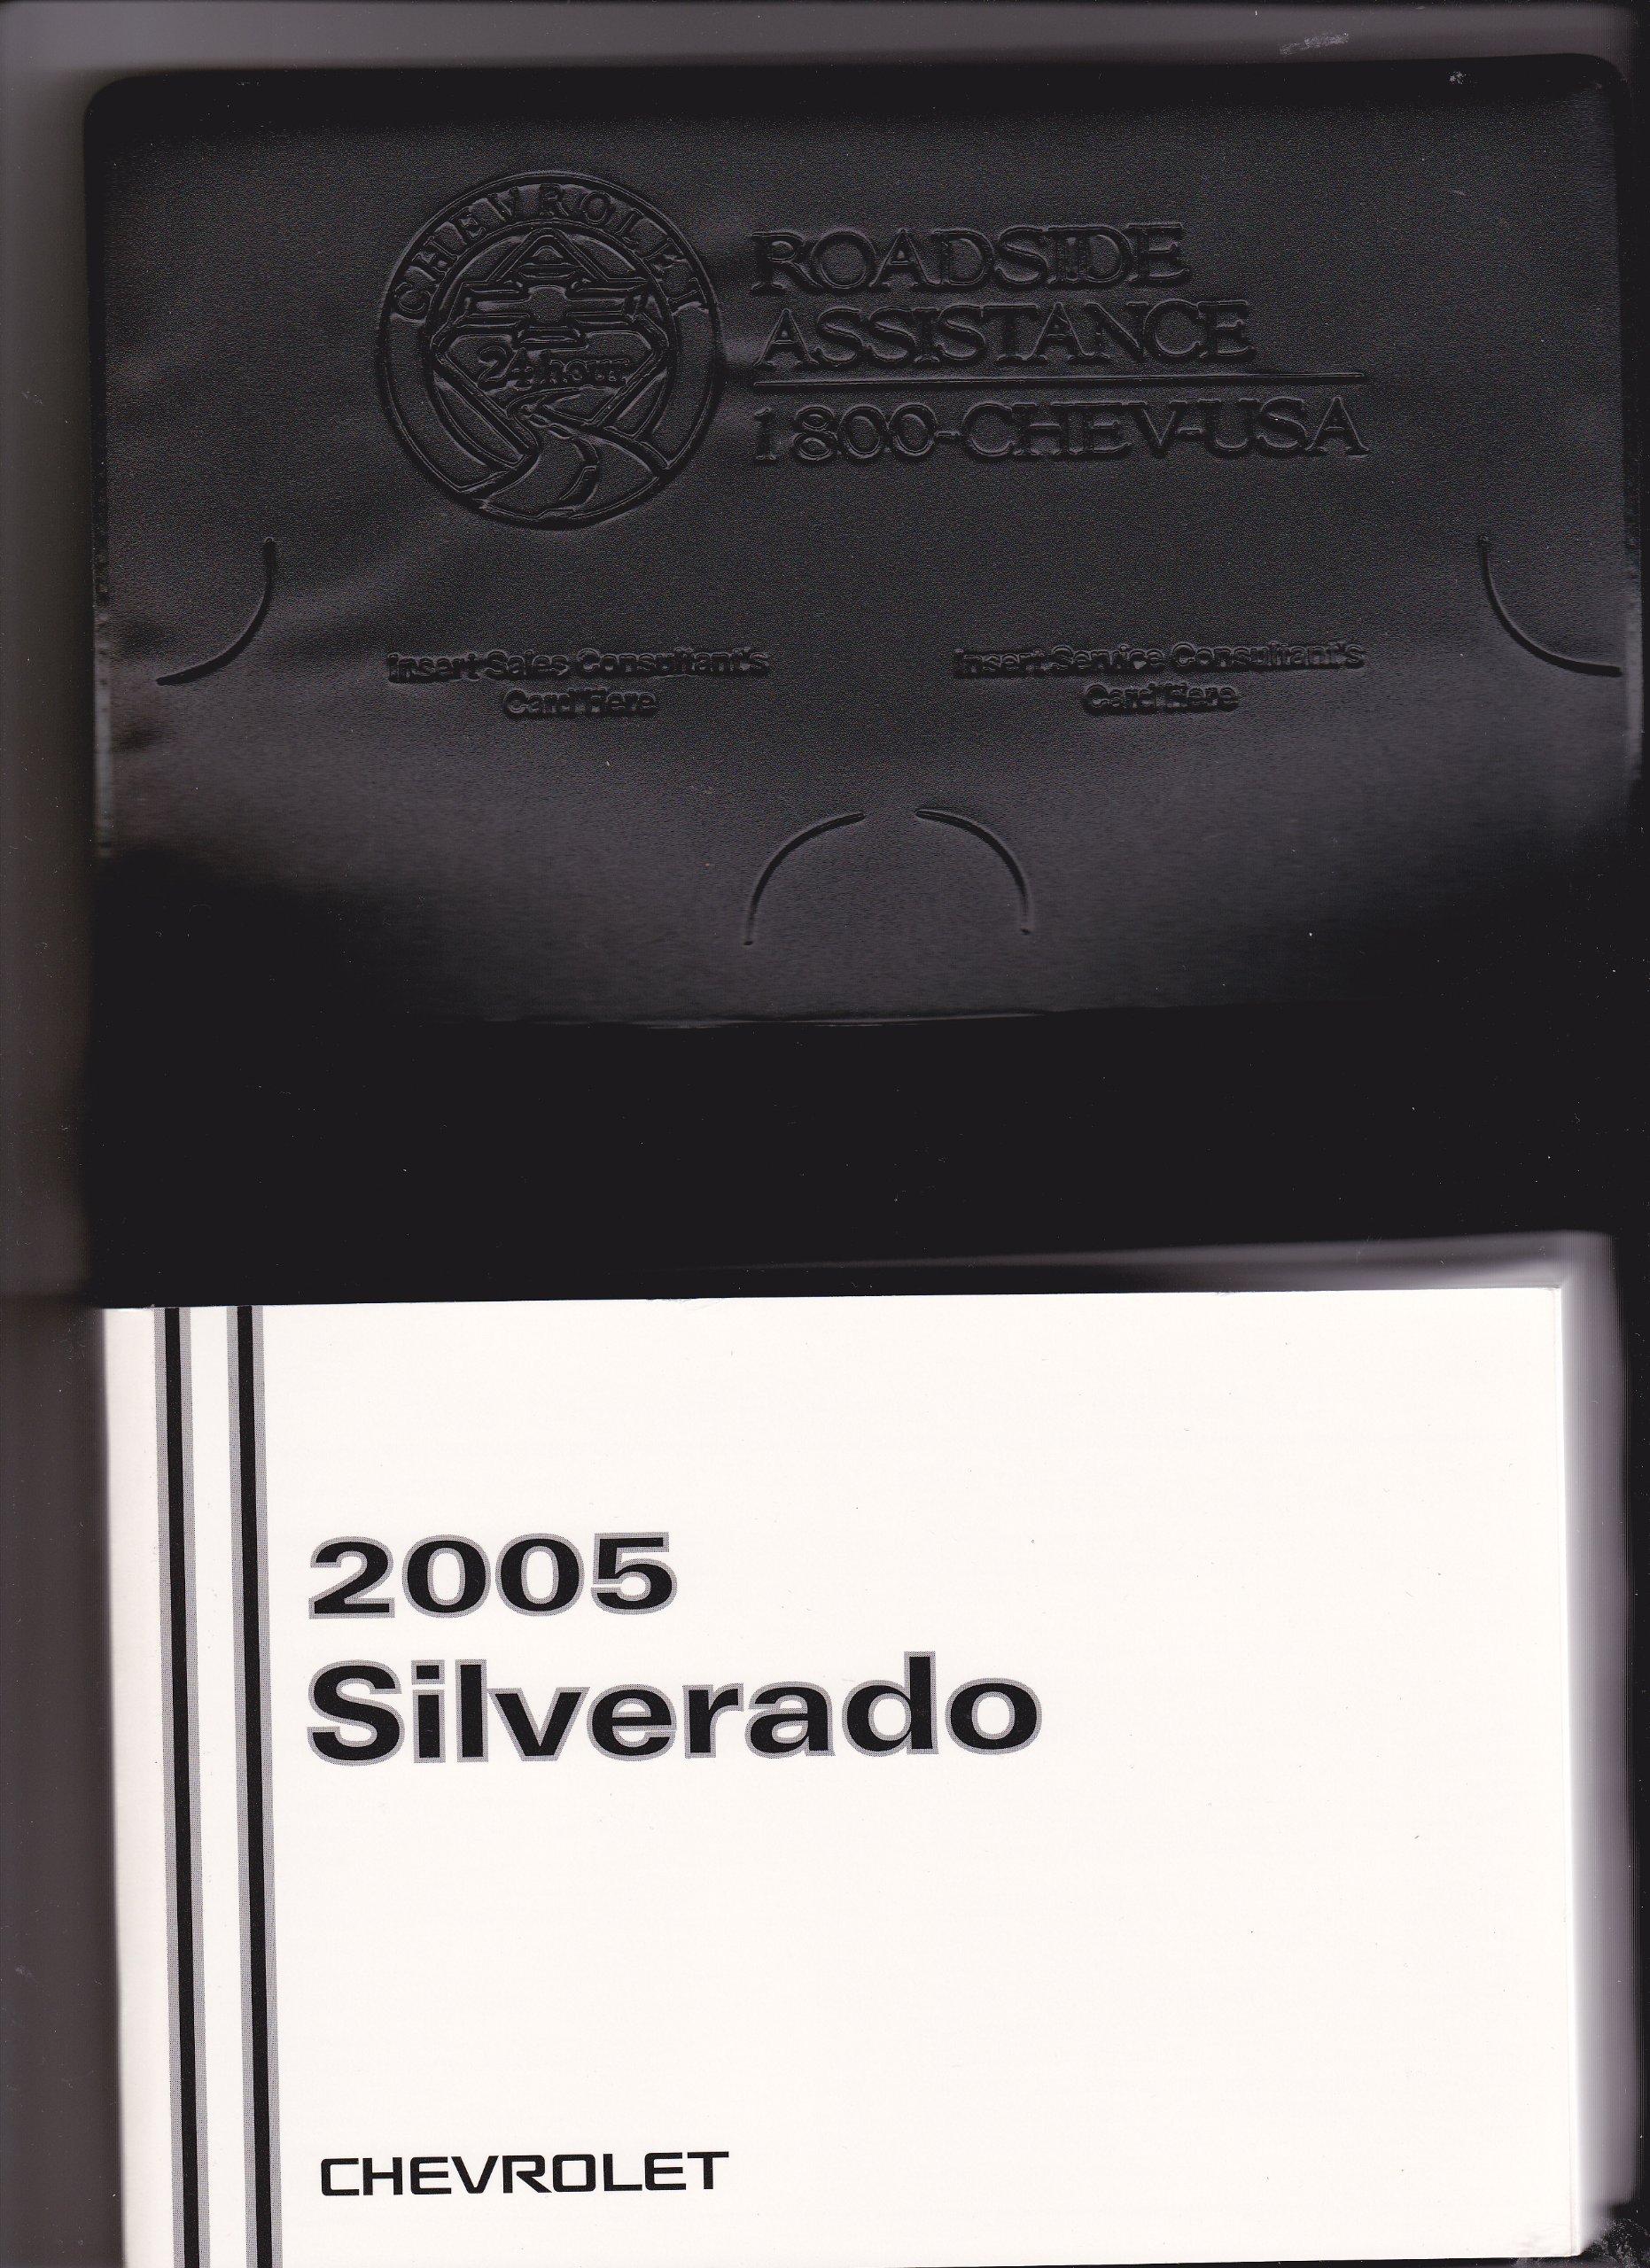 2005 silverado service manual